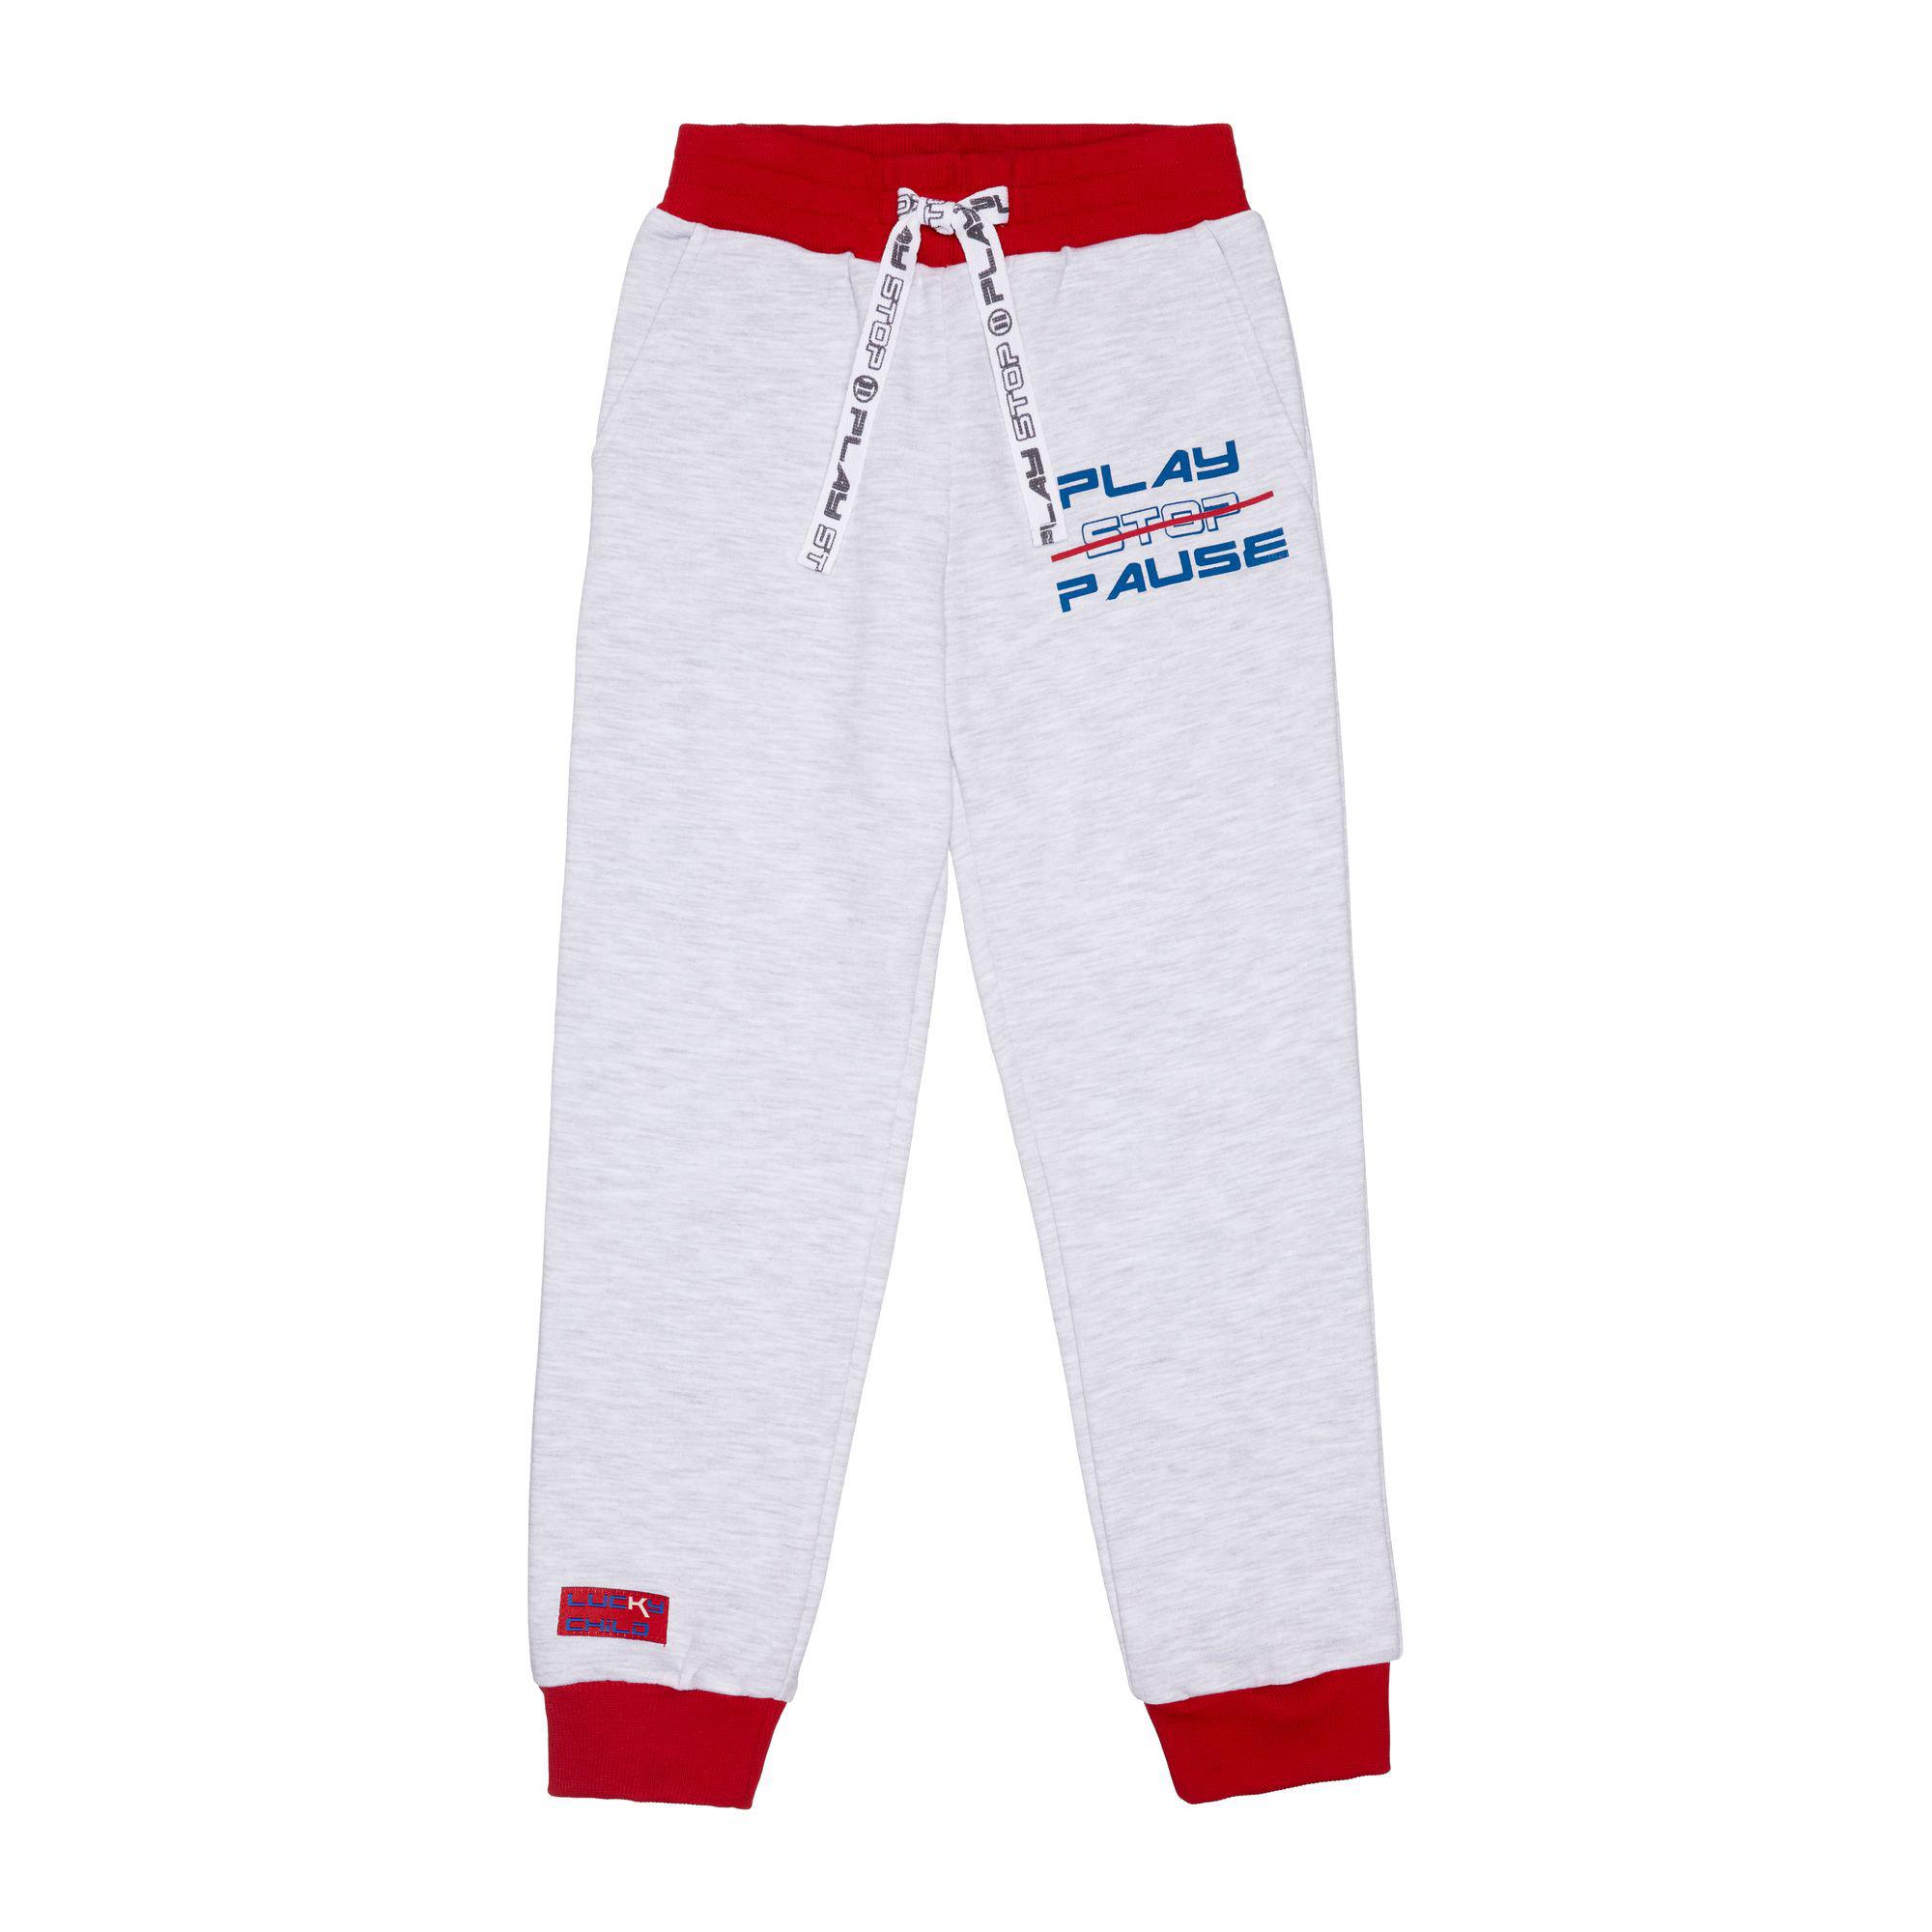 Купить Спортивные брюки Lucky Child Больше пространства серые 128-134, Серый, Футер, Для мальчиков, Осень-Зима,